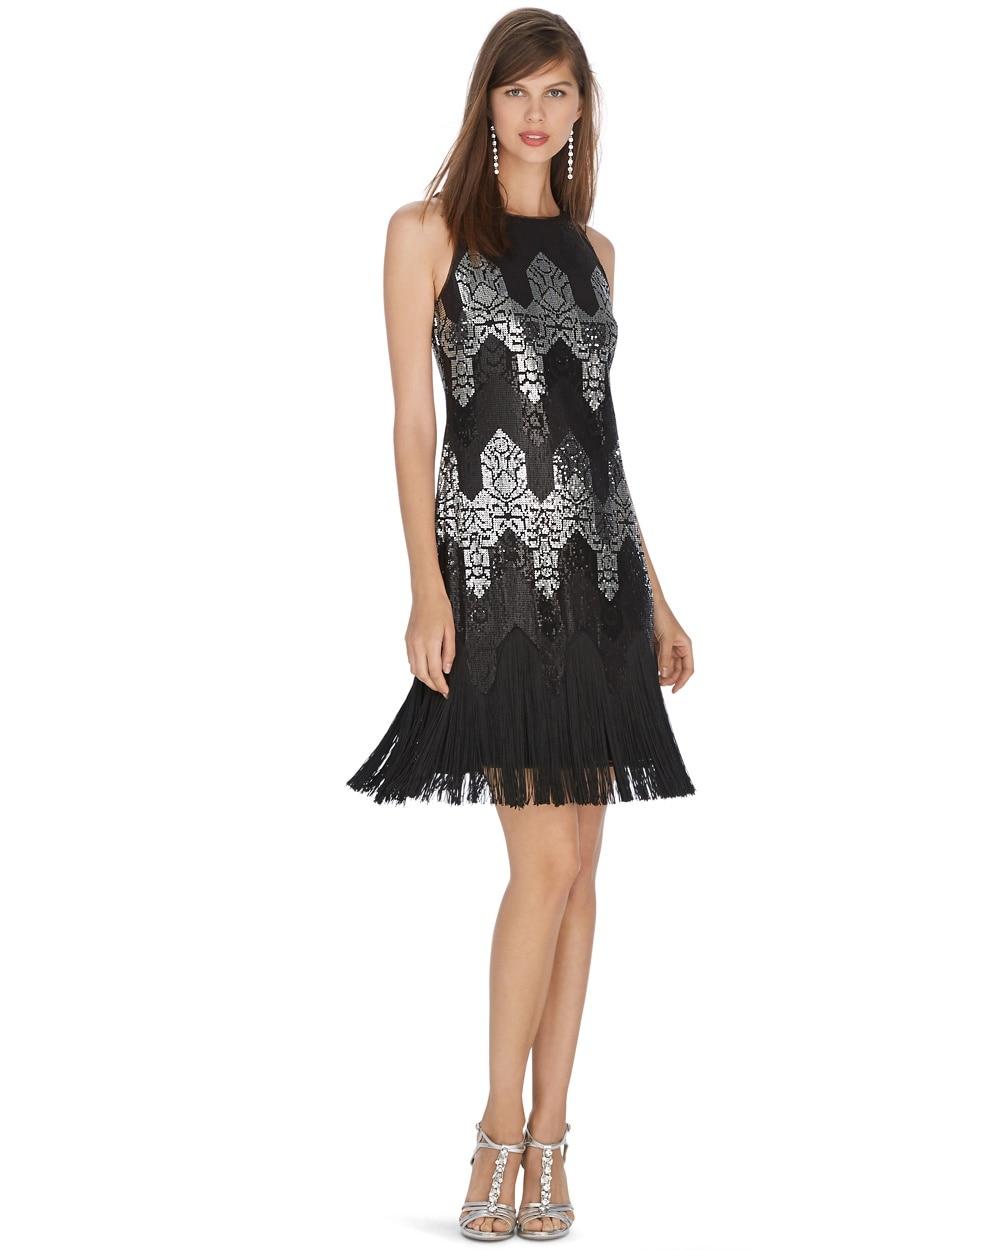 Sleeveless Sequin Fringe Shift Dress White House Black Market